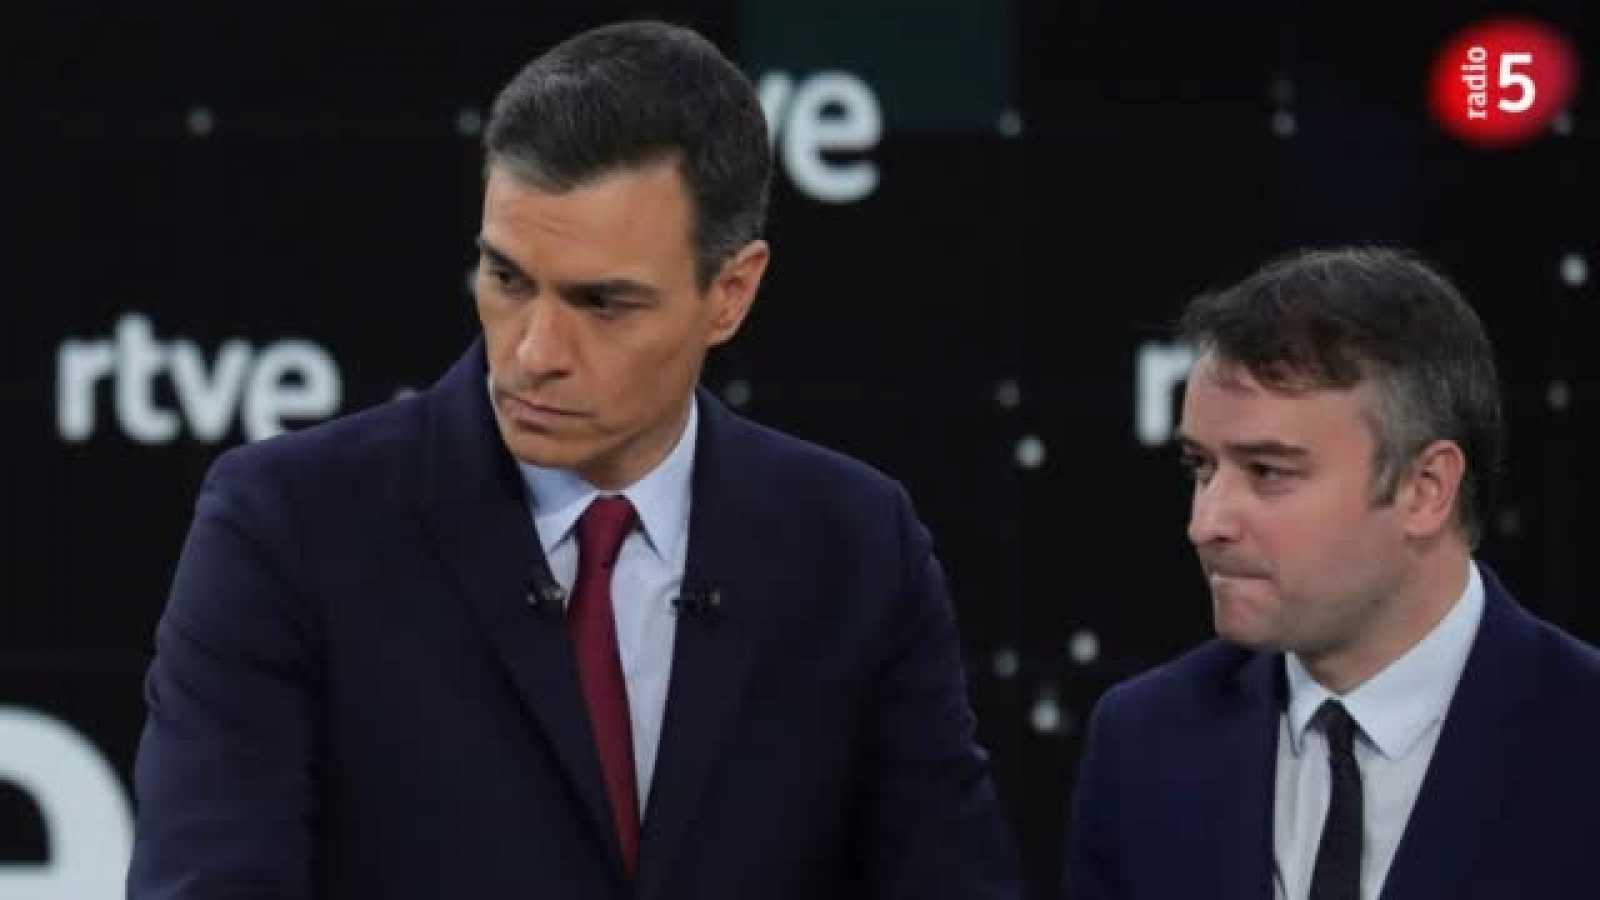 Guerra entre TVE y Moncloa: Tornero estalla por las injerencias de Contreras para asegurar su negocio